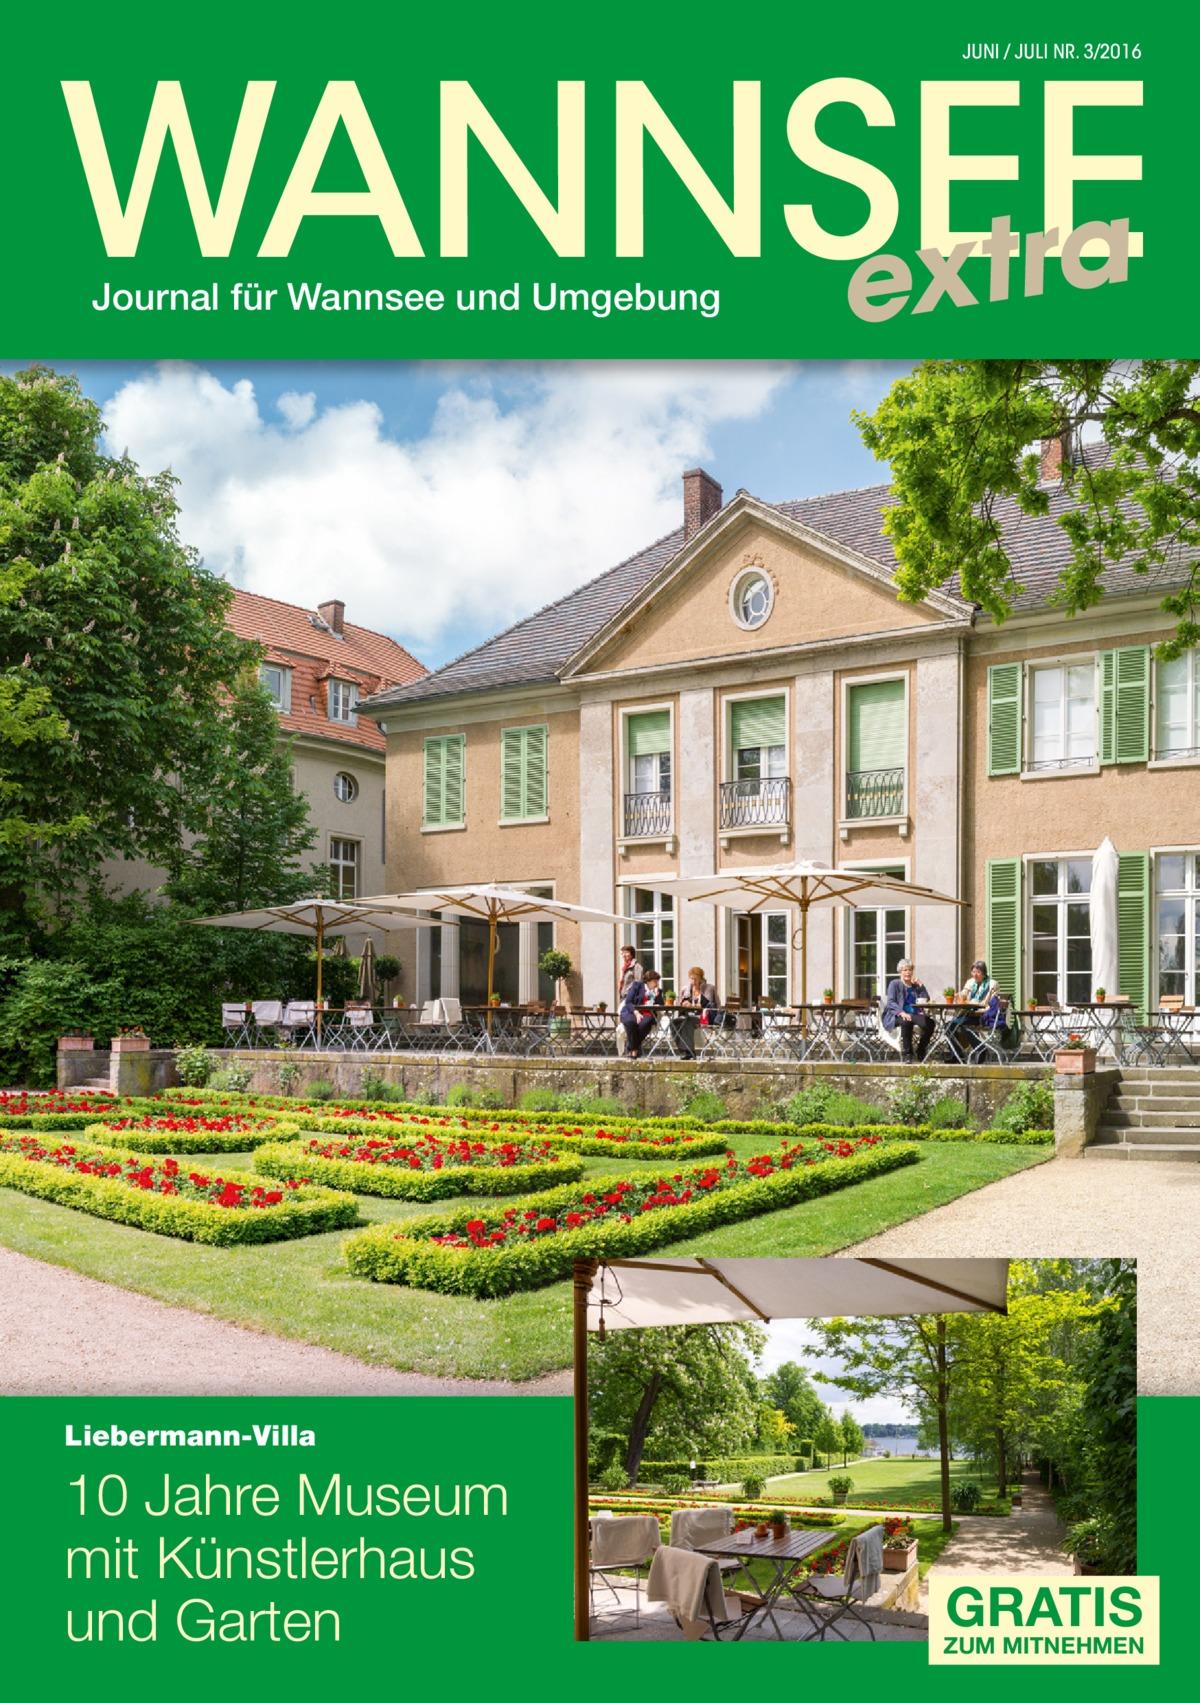 WANNSEE extra JUNI / JULI NR. 3/2016  Journal für Wannsee und Umgebung  Liebermann-Villa  10Jahre Museum mit Künstlerhaus und Garten  GRATIS  ZUM MITNEHMEN